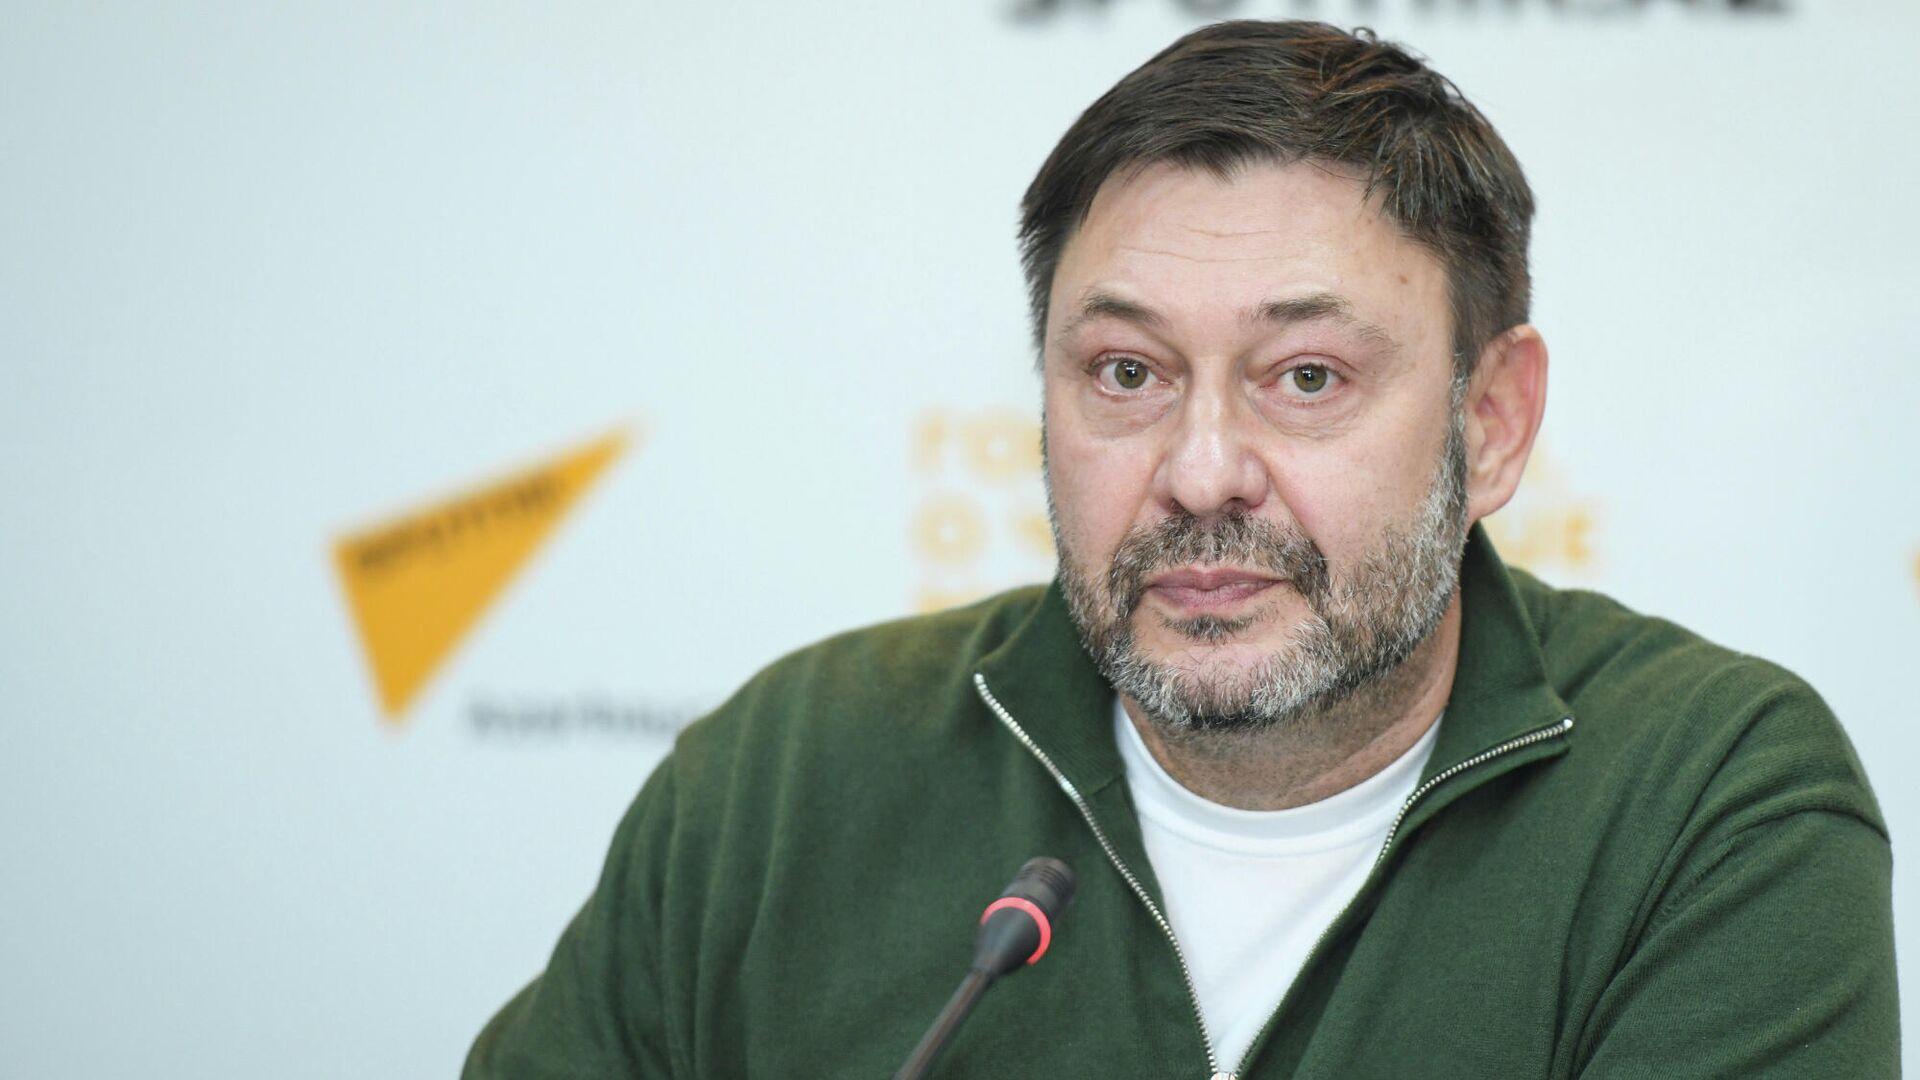 Rossiya Seqodnya media qrupunun icraçı direktoru Kiril Vışinski - Sputnik Azərbaycan, 1920, 06.10.2021